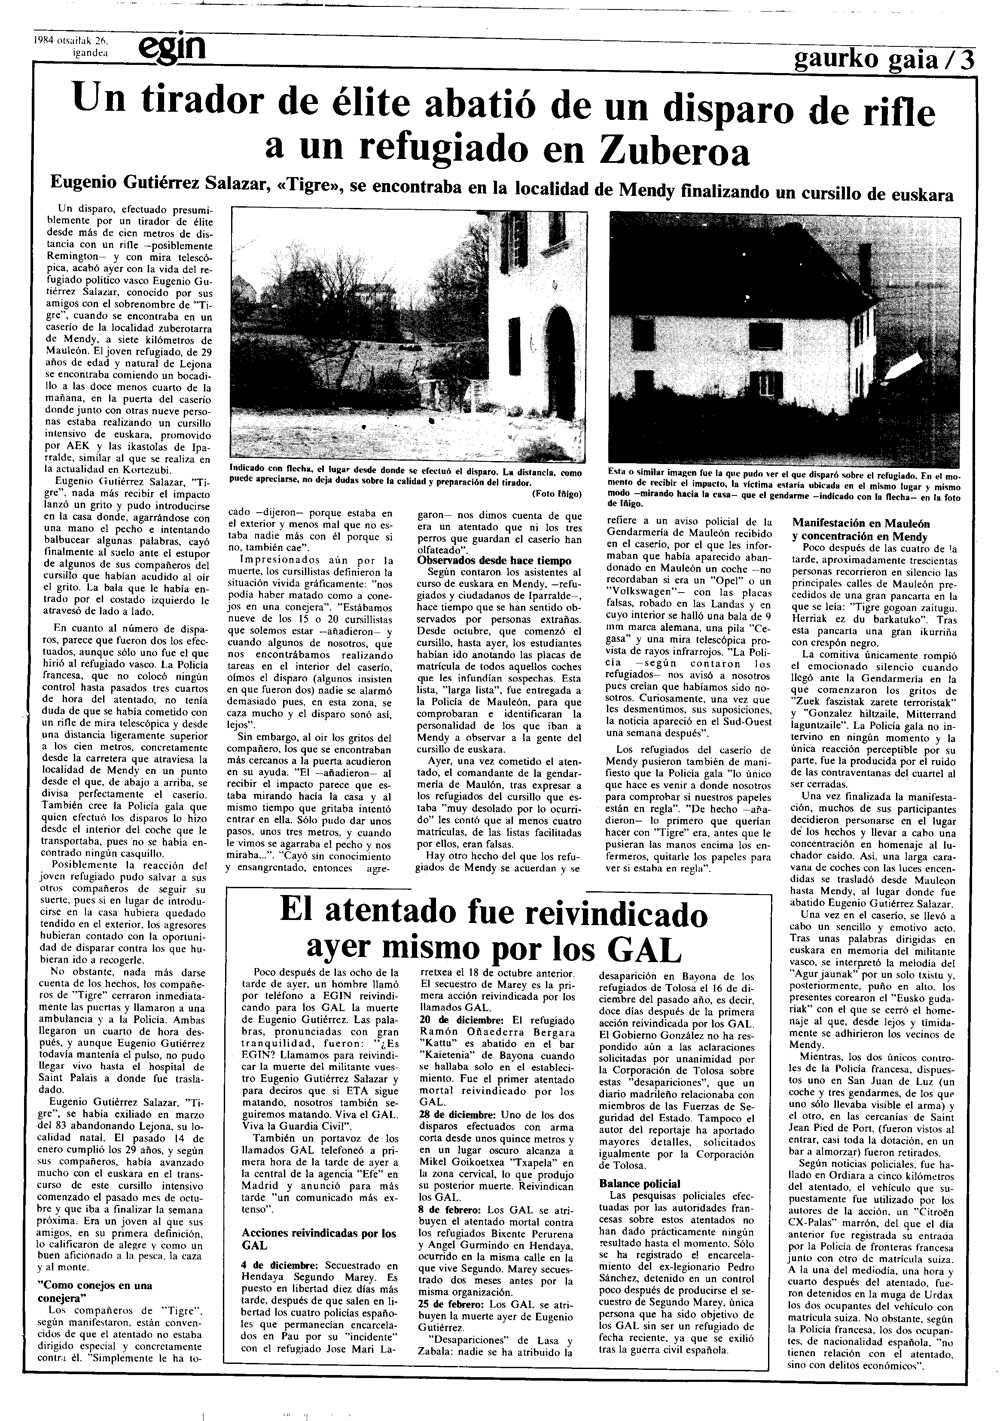 Eugenio Gutierrez Salazar, Tigreren hilketa, Egin-en.